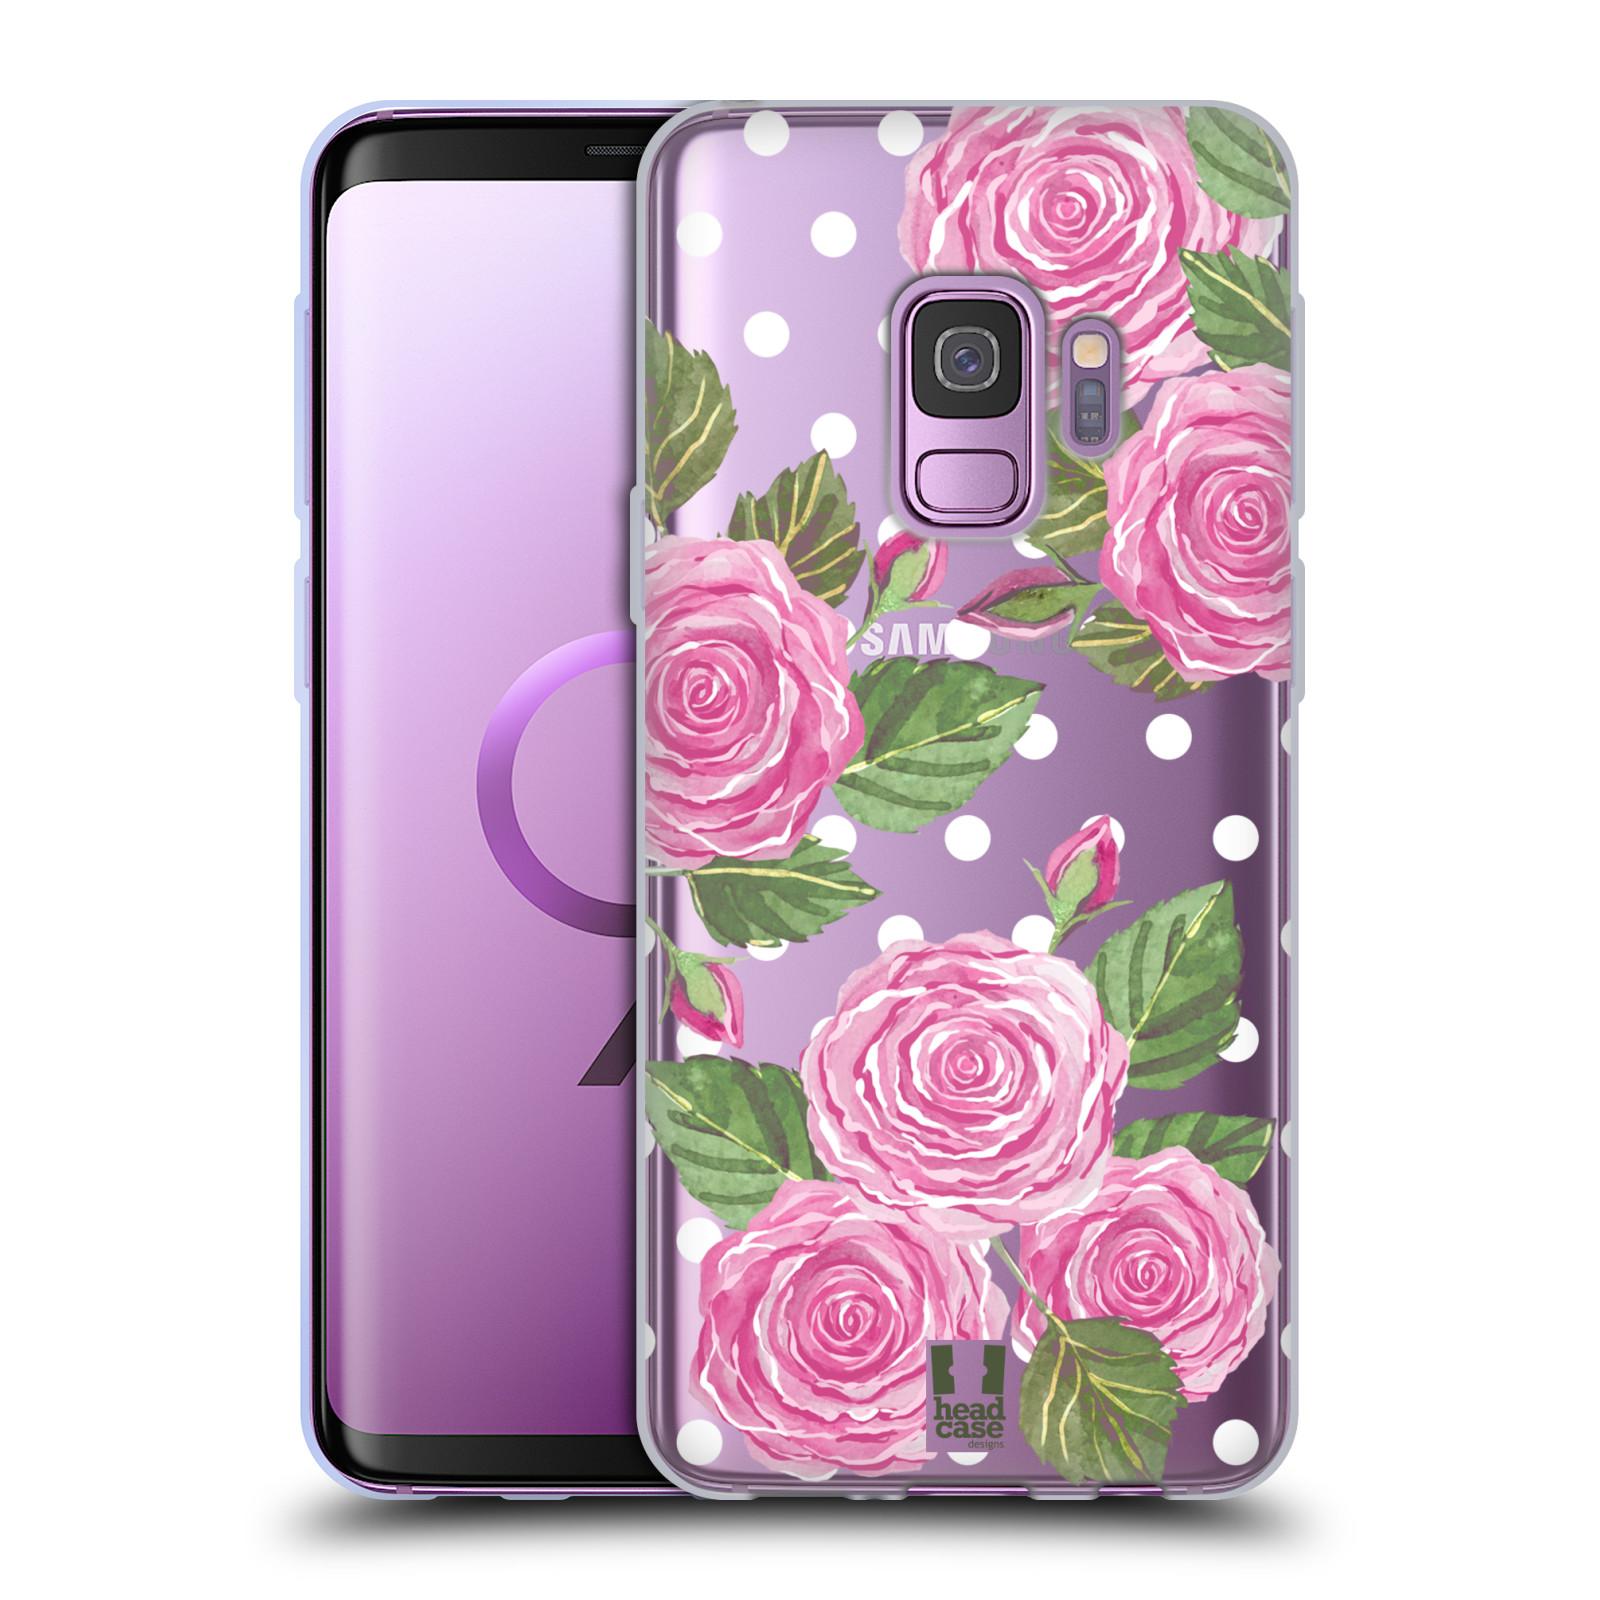 Silikonové pouzdro na mobil Samsung Galaxy S9 - Head Case - Hezoučké růžičky - průhledné